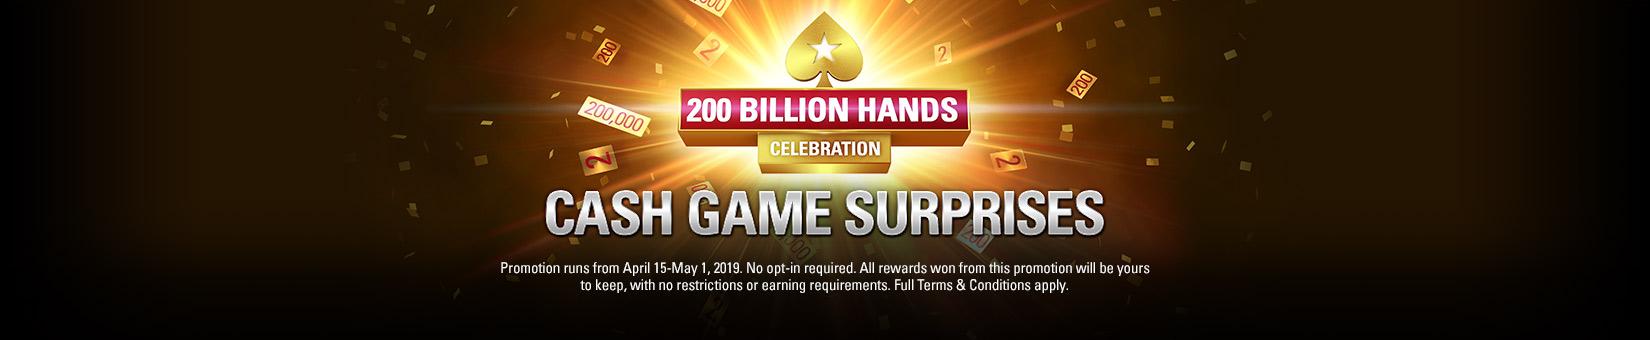 200 Billion Hands Celebration: Cash Game Surprises